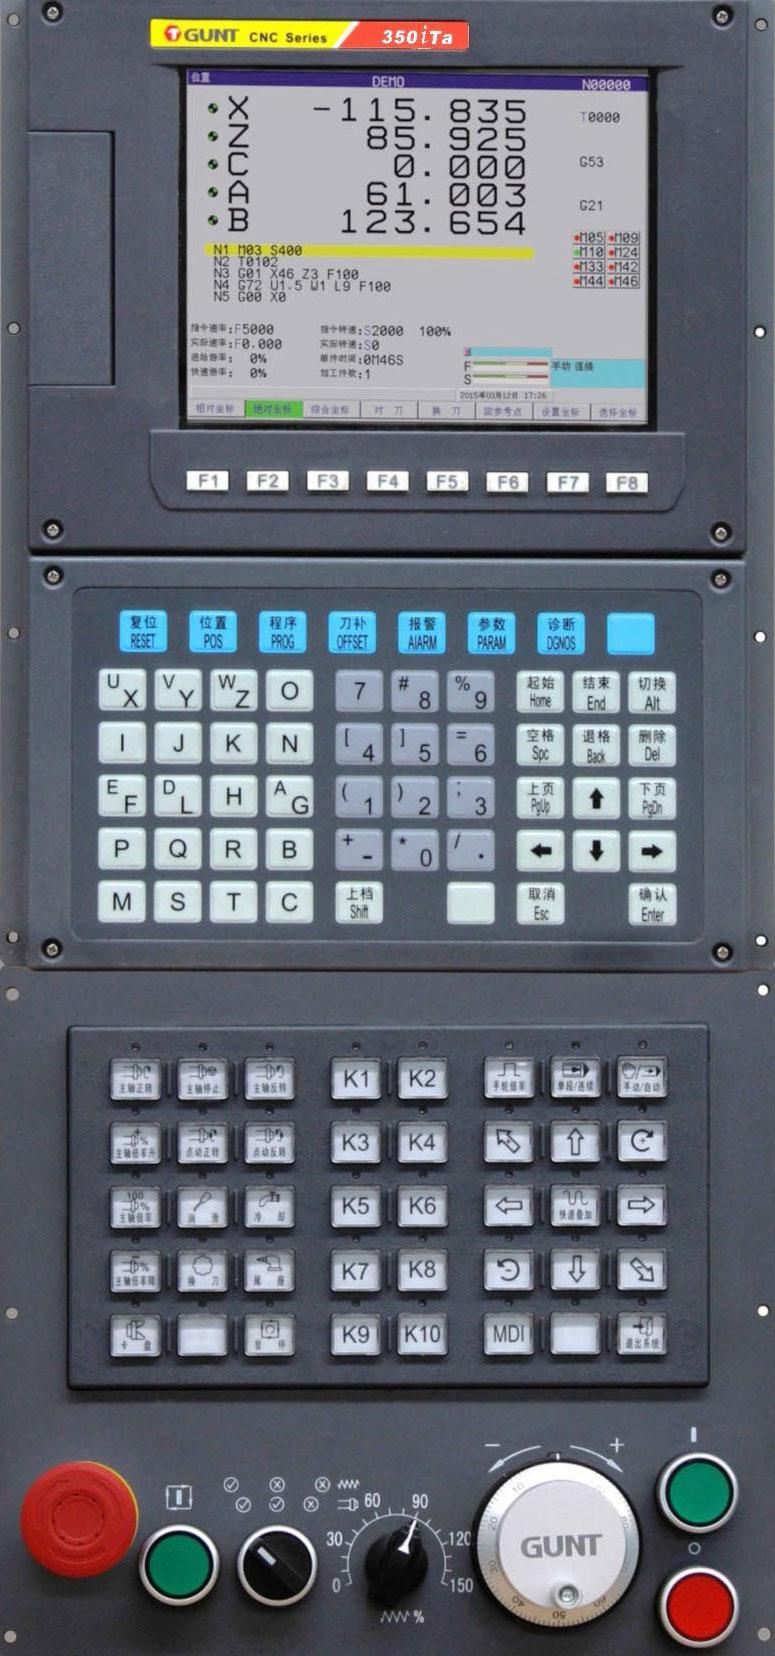 Система ЧПУ для токарно-фрезерных станков 350iTa